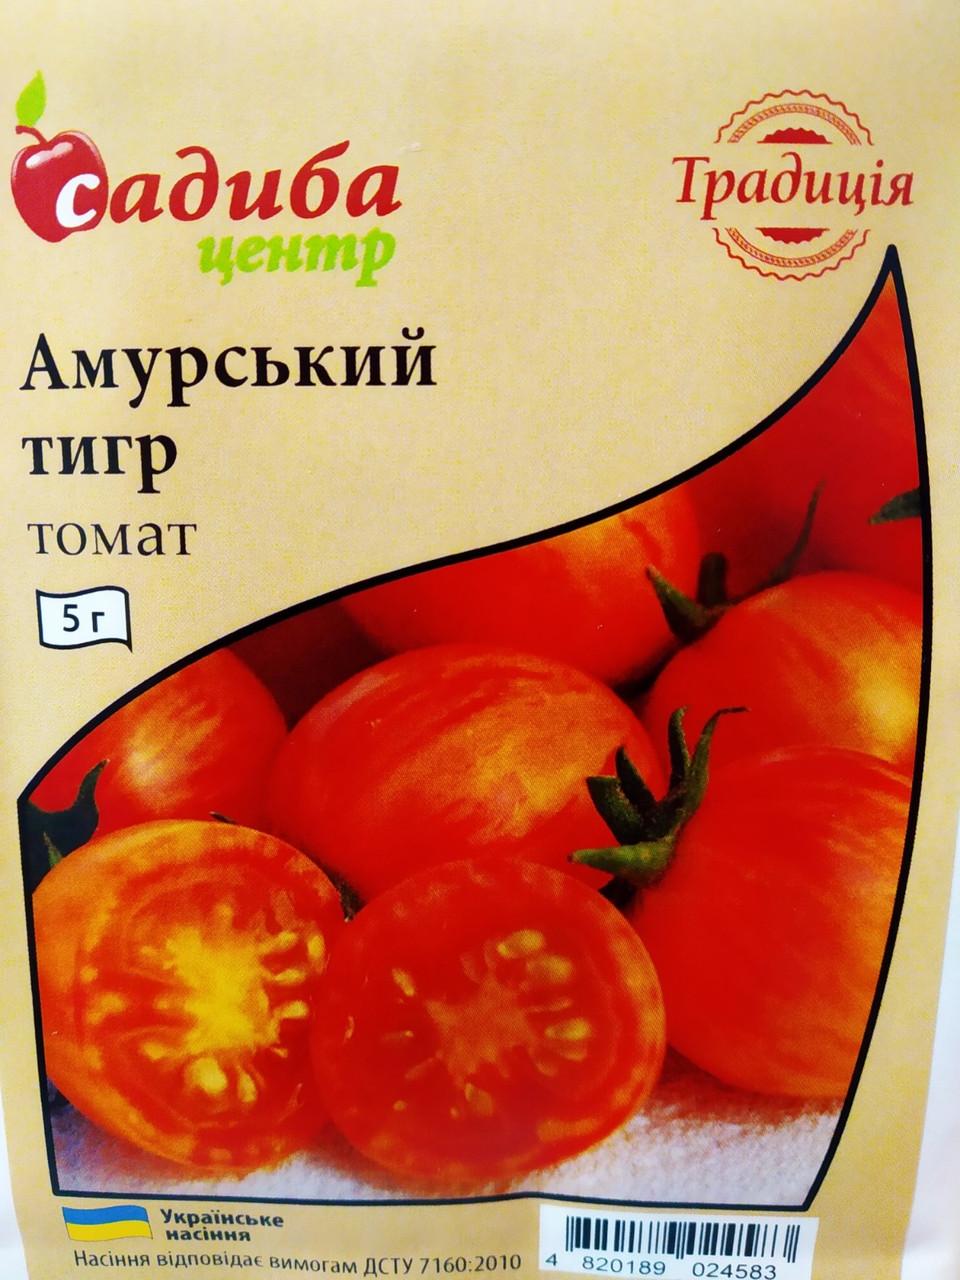 Насіння томату Амурський тигр ранній, низькорослий, 5 г, Україна